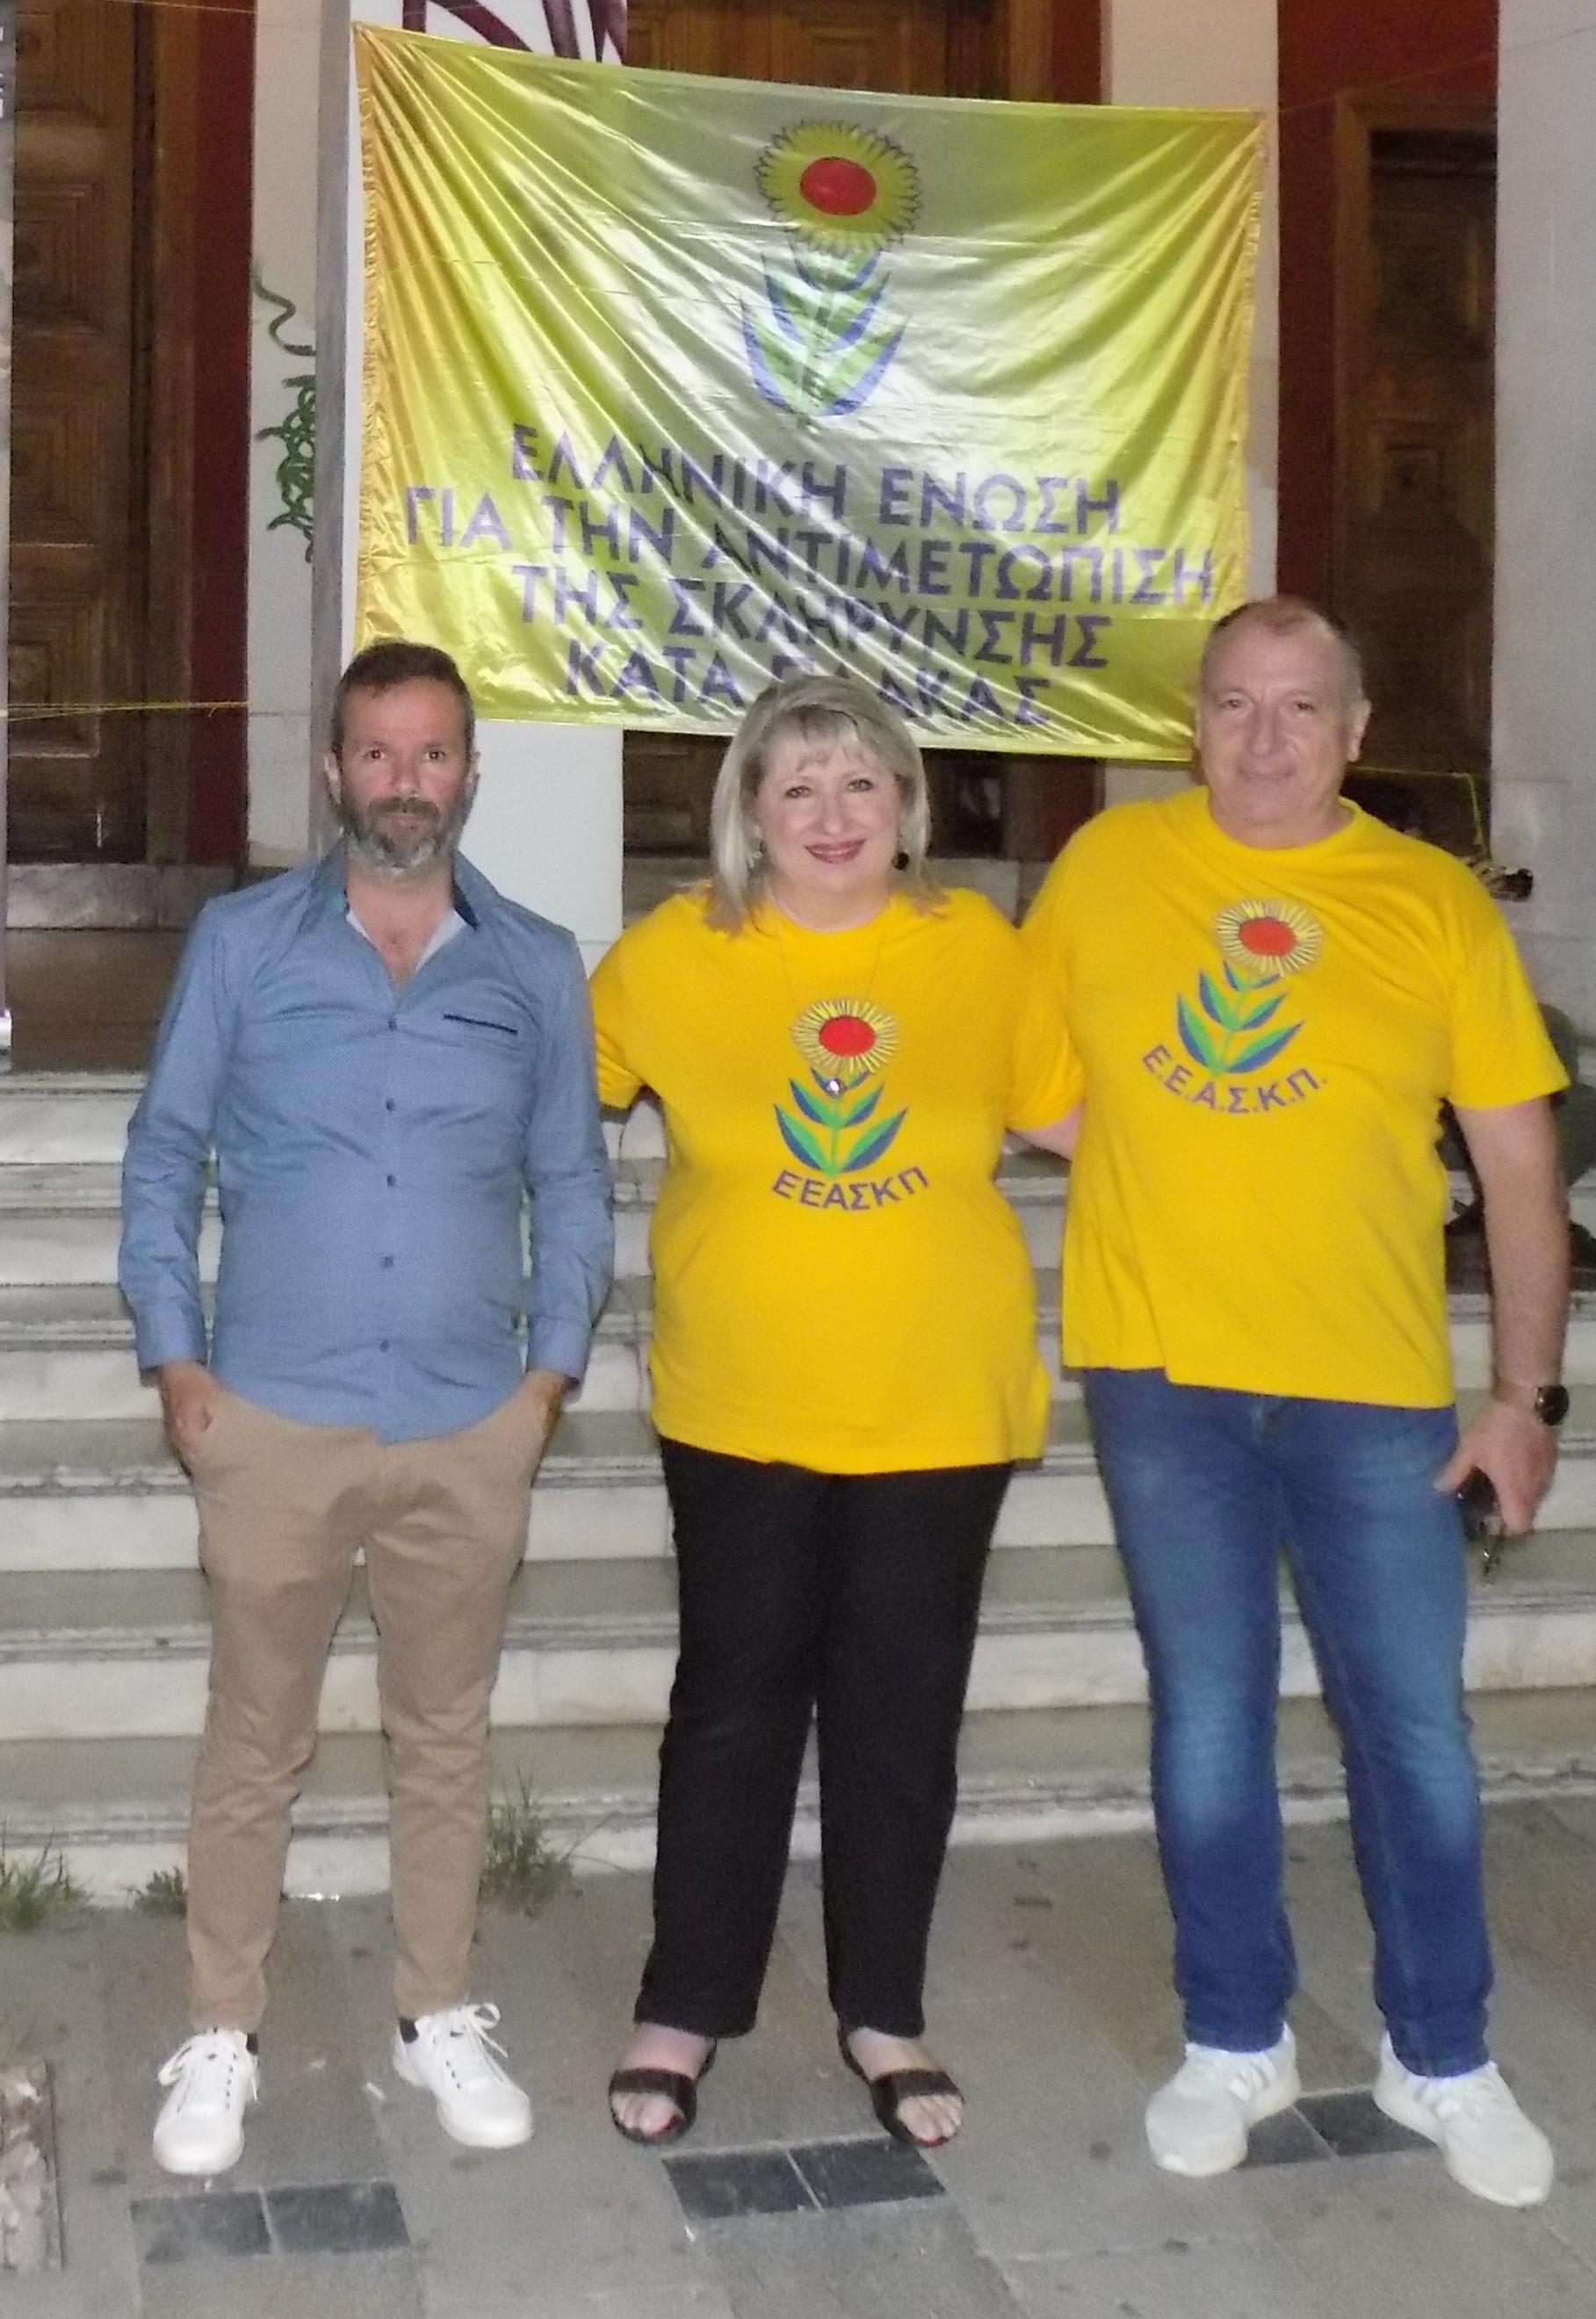 """Η ΕΕΑΣΚΠγιόρτασε στην """"Εκδήλωση Σύνδεσης"""" τηνΠαγκόσμια Ημέρα Πολλαπλής Σκλήρυνσηςμε αλληλεγγύη και ελπίδα για το μέλλον (photos)"""